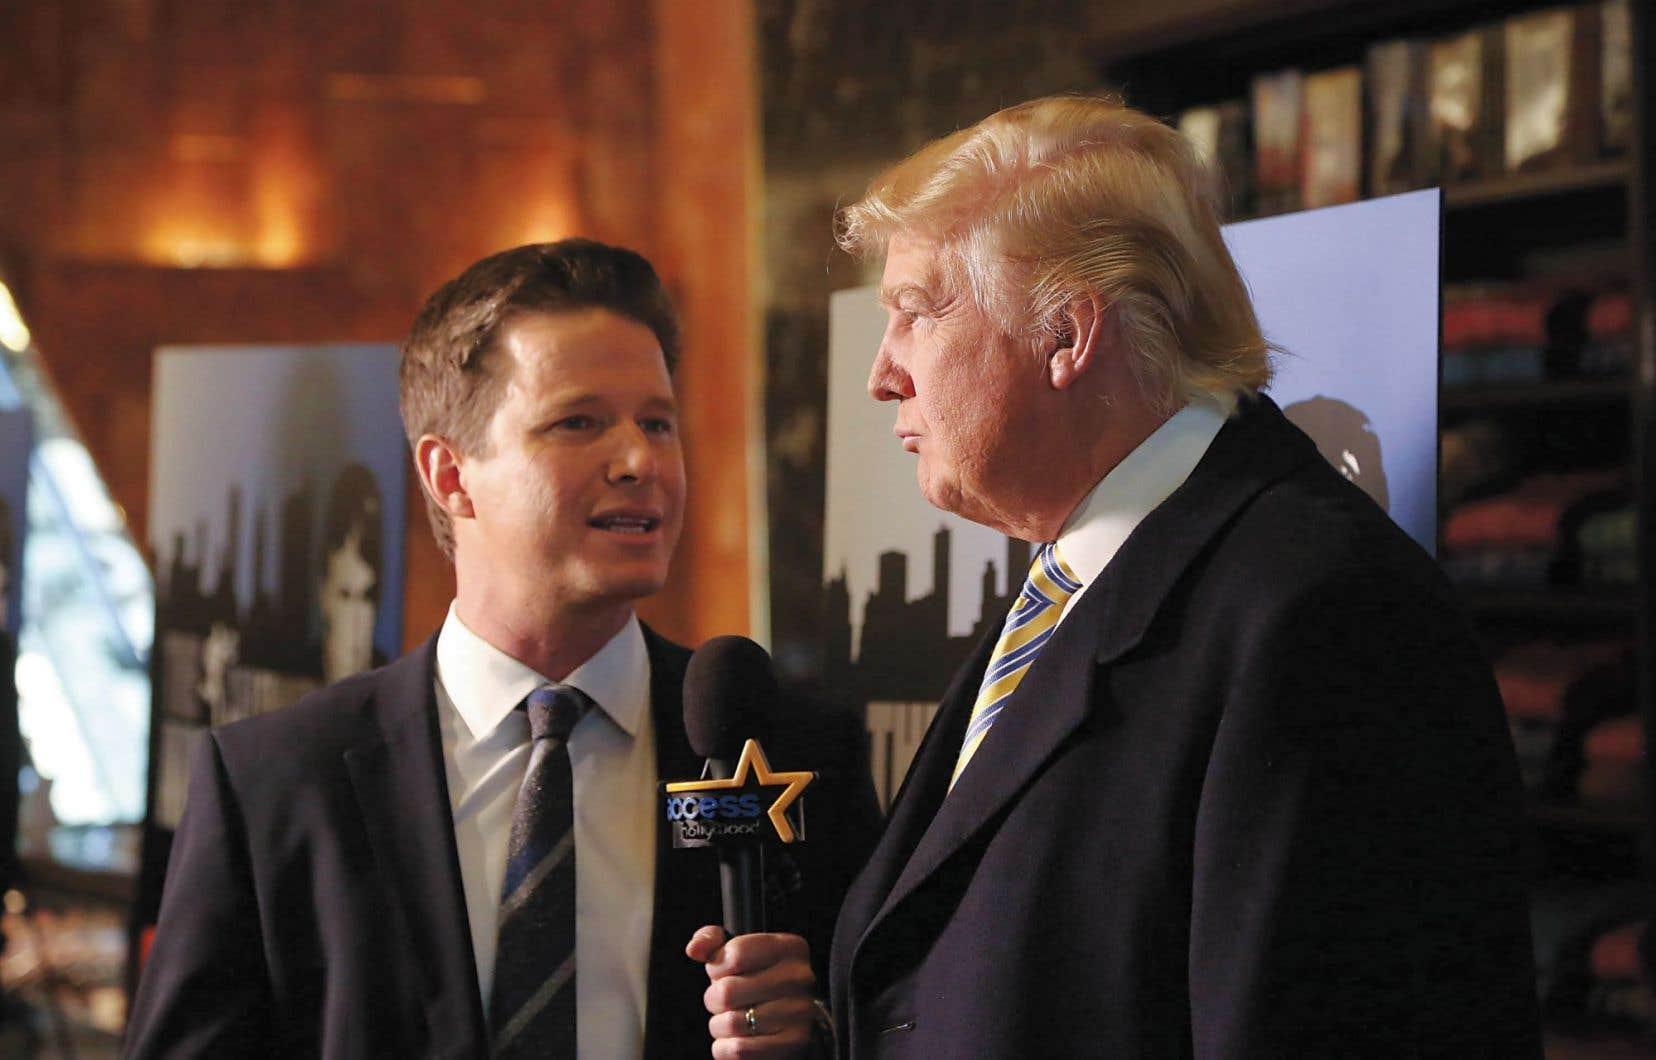 Ce pourrait être symboliquement l'extrait politique de l'année et même de la décennie. Un enregistrement à l'insu de Donald Trump, réalisé dans le cadre de l'émission «Access Hollywood» en 2005, révèle en octobre comment l'homme d'affaires, vedette de la téléréalité, dit se comporter avec les femmes.